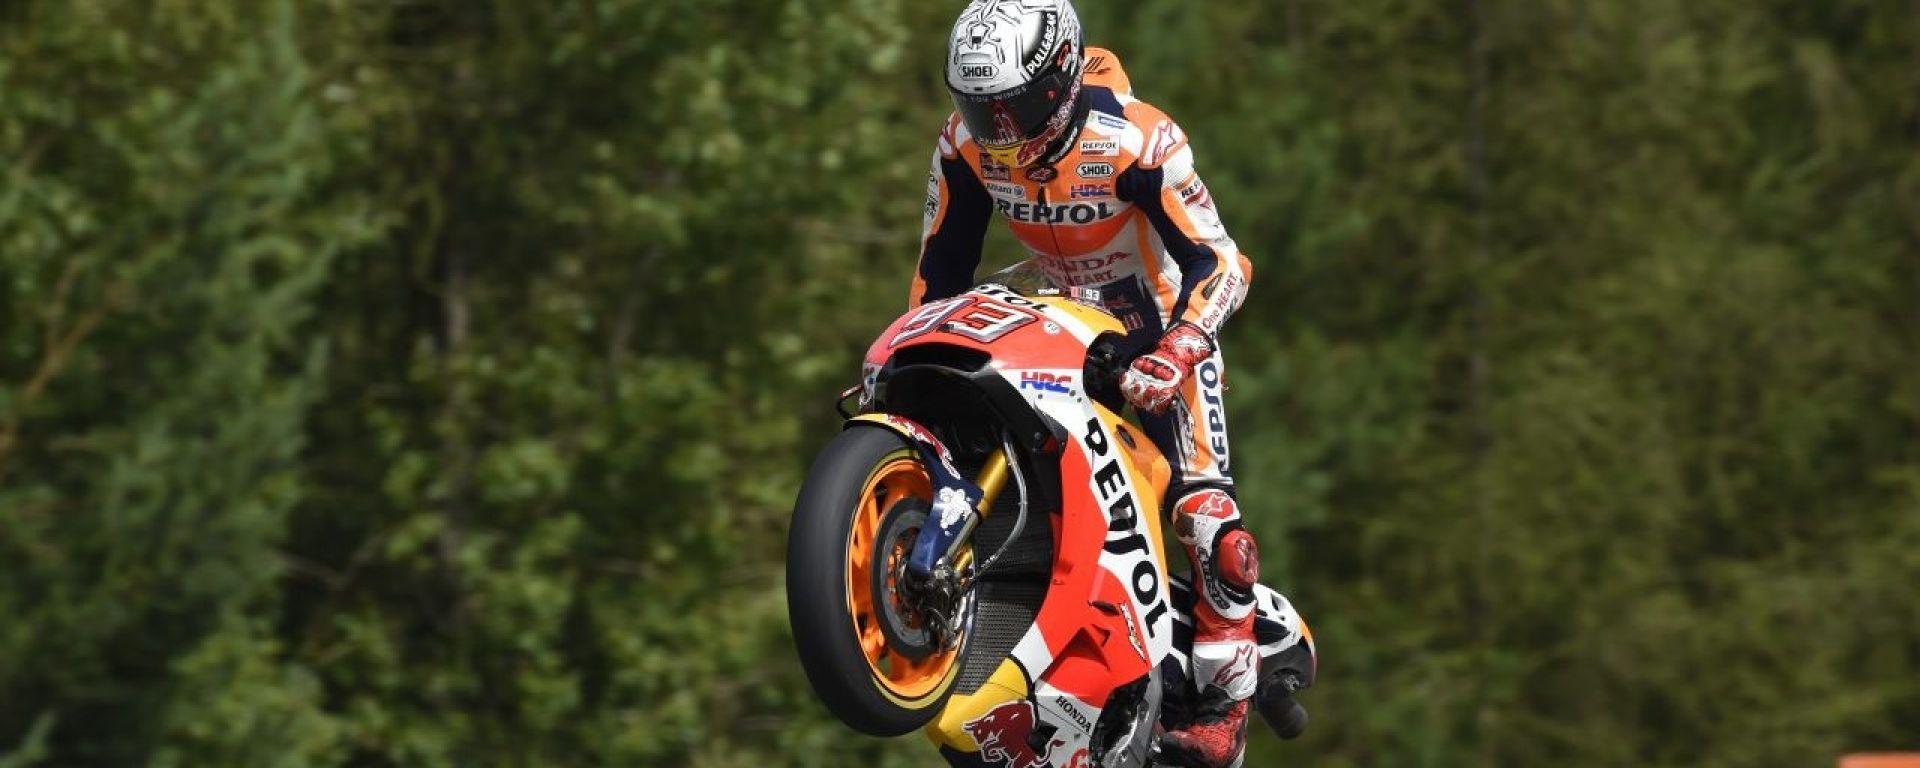 MotoGP Repubblica Ceca 2017: Marc Marquez in pole davanti a Valentino Rossi e Dani Pedrosa